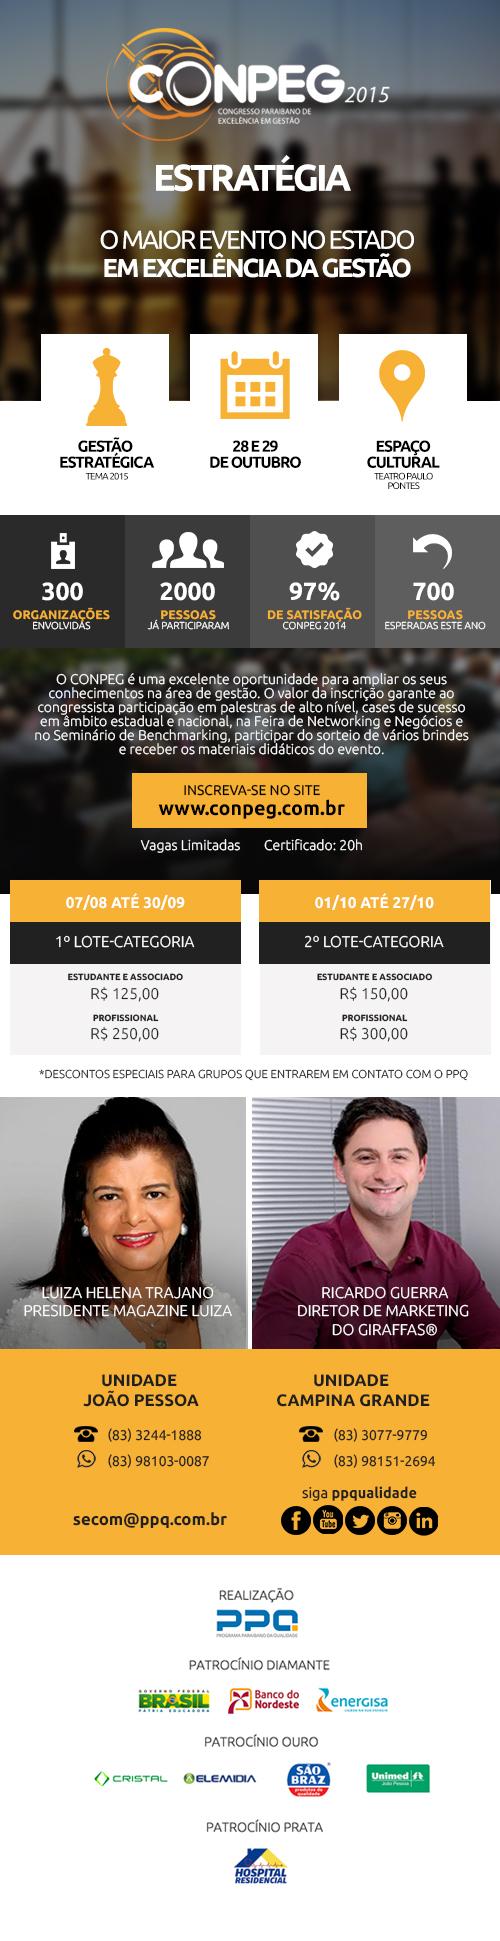 newsletter_conpeg_2015